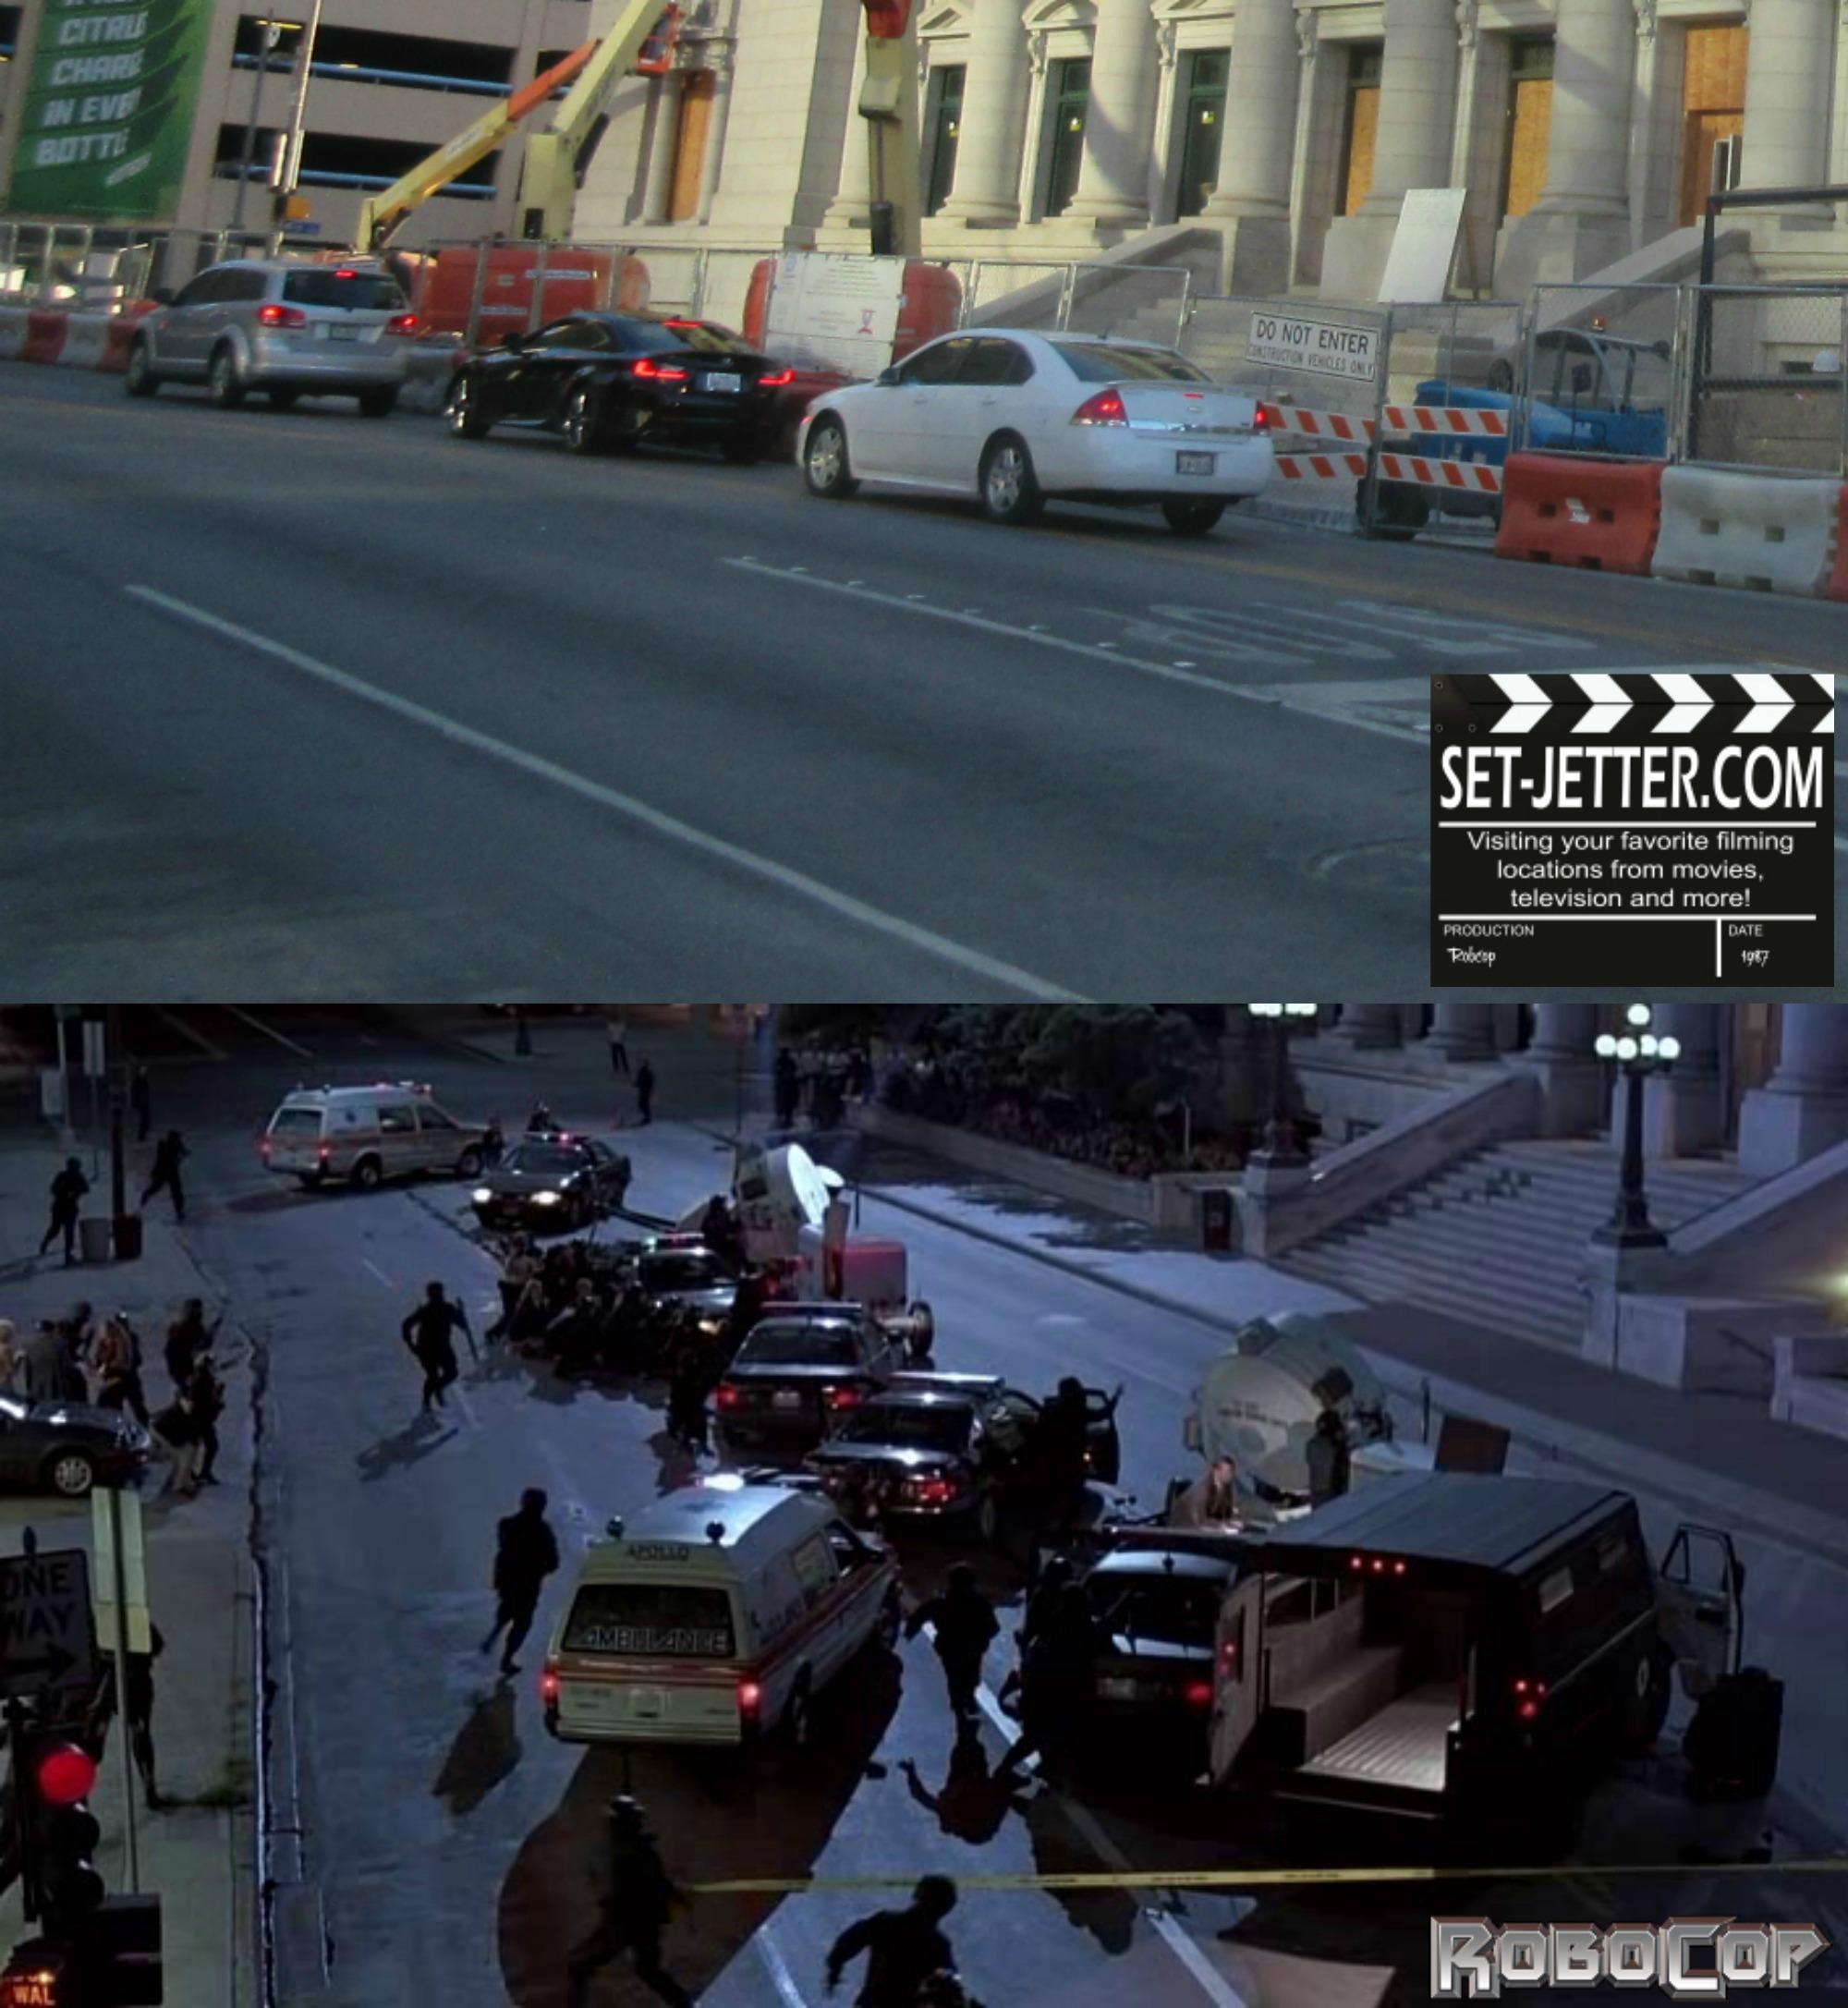 Robocop comparison 74.jpg